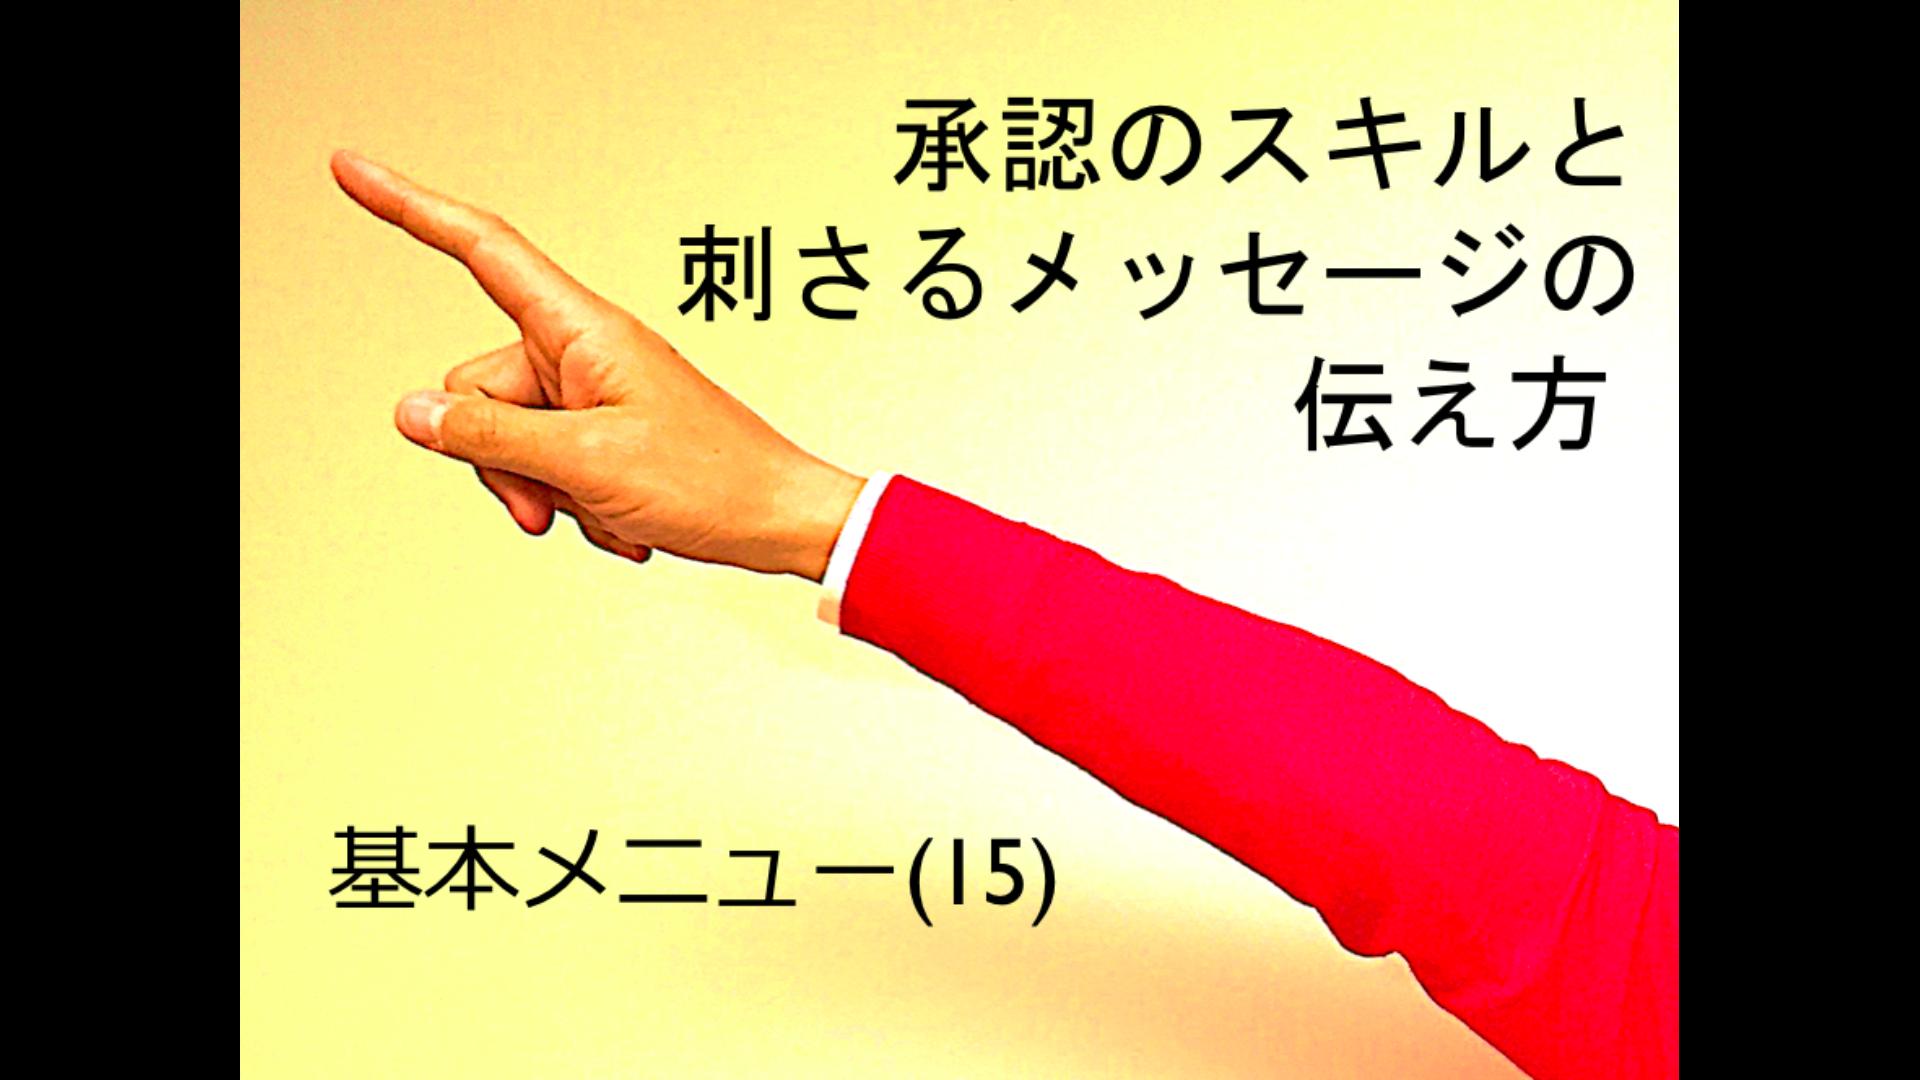 基本メニュー(15)  「承認のスキルと刺さるメッセージの伝え方」